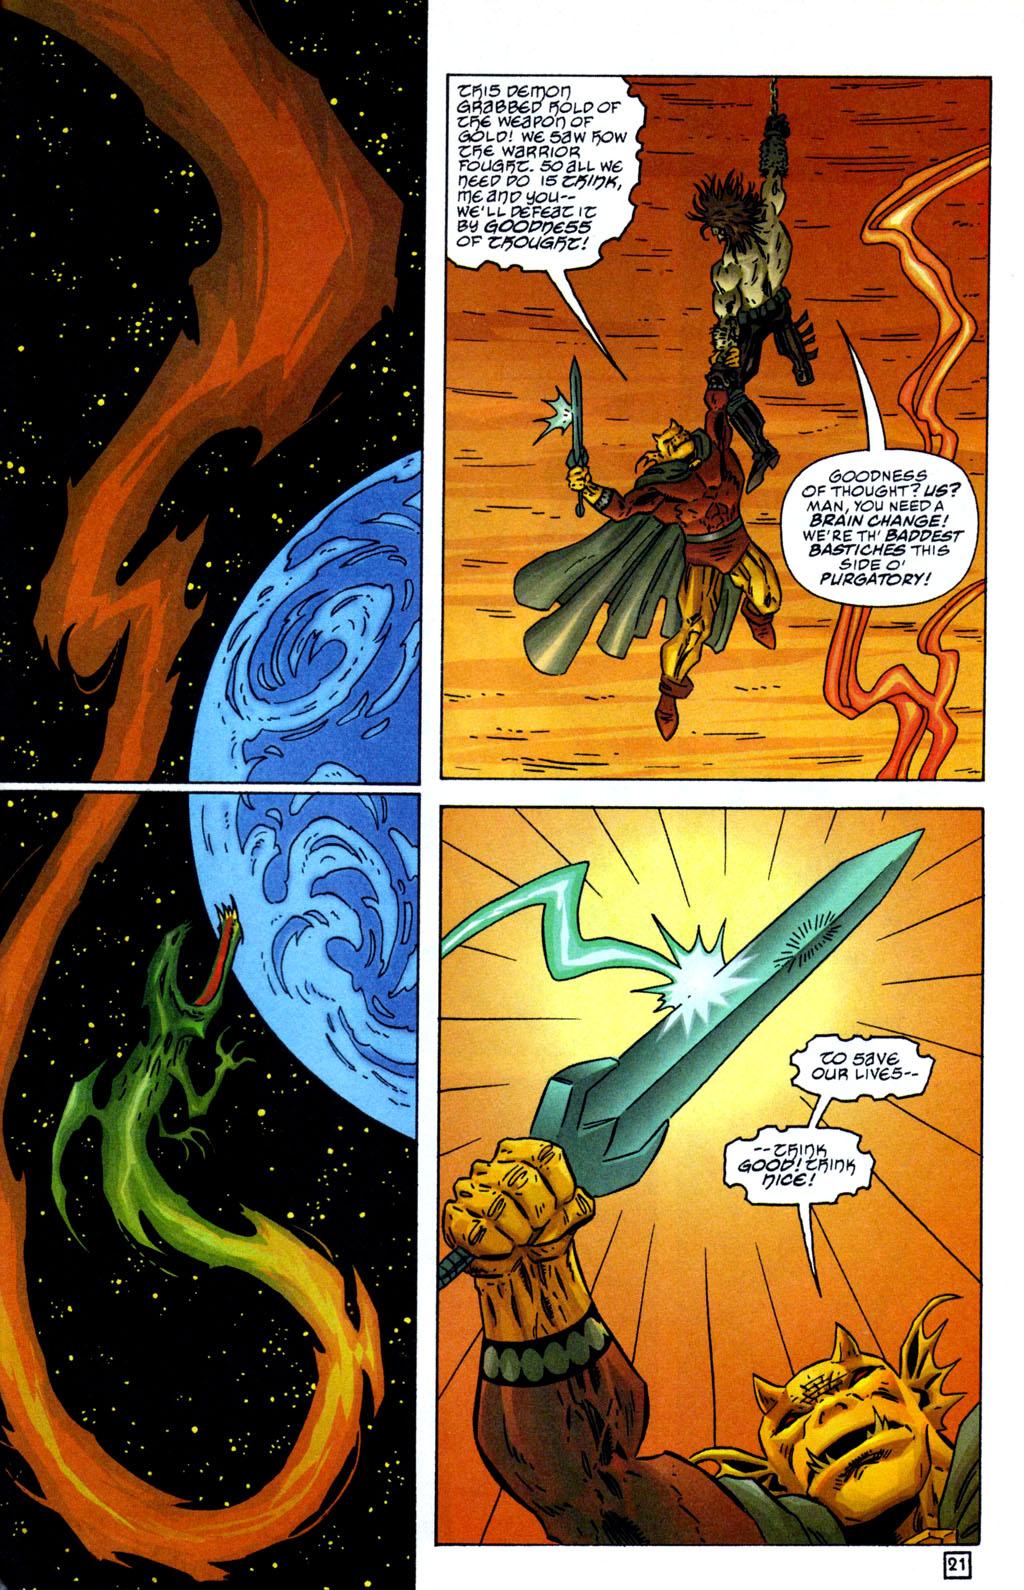 Read online Lobo/Demon: Hellowe'en comic -  Issue # Full - 22